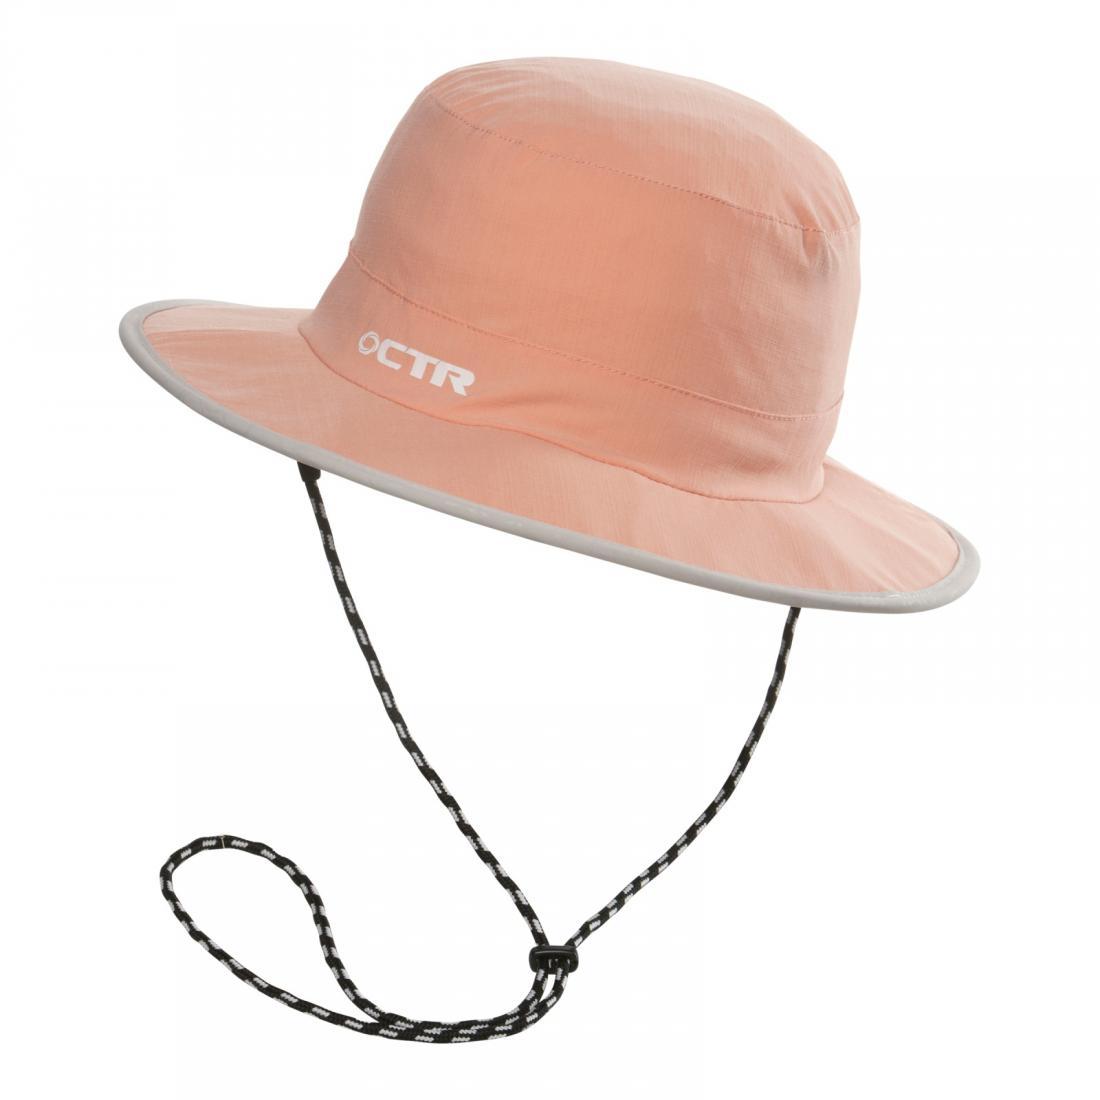 Панама Chaos  Summit Day Hat (женс)Панамы<br><br> Chaos Summit Day Hat — это оригинальная женская панама для яркого отдыха. Она привлекает внимание необычным дизайном, цветовым решением и формо...<br><br>Цвет: Розовый<br>Размер: S-M